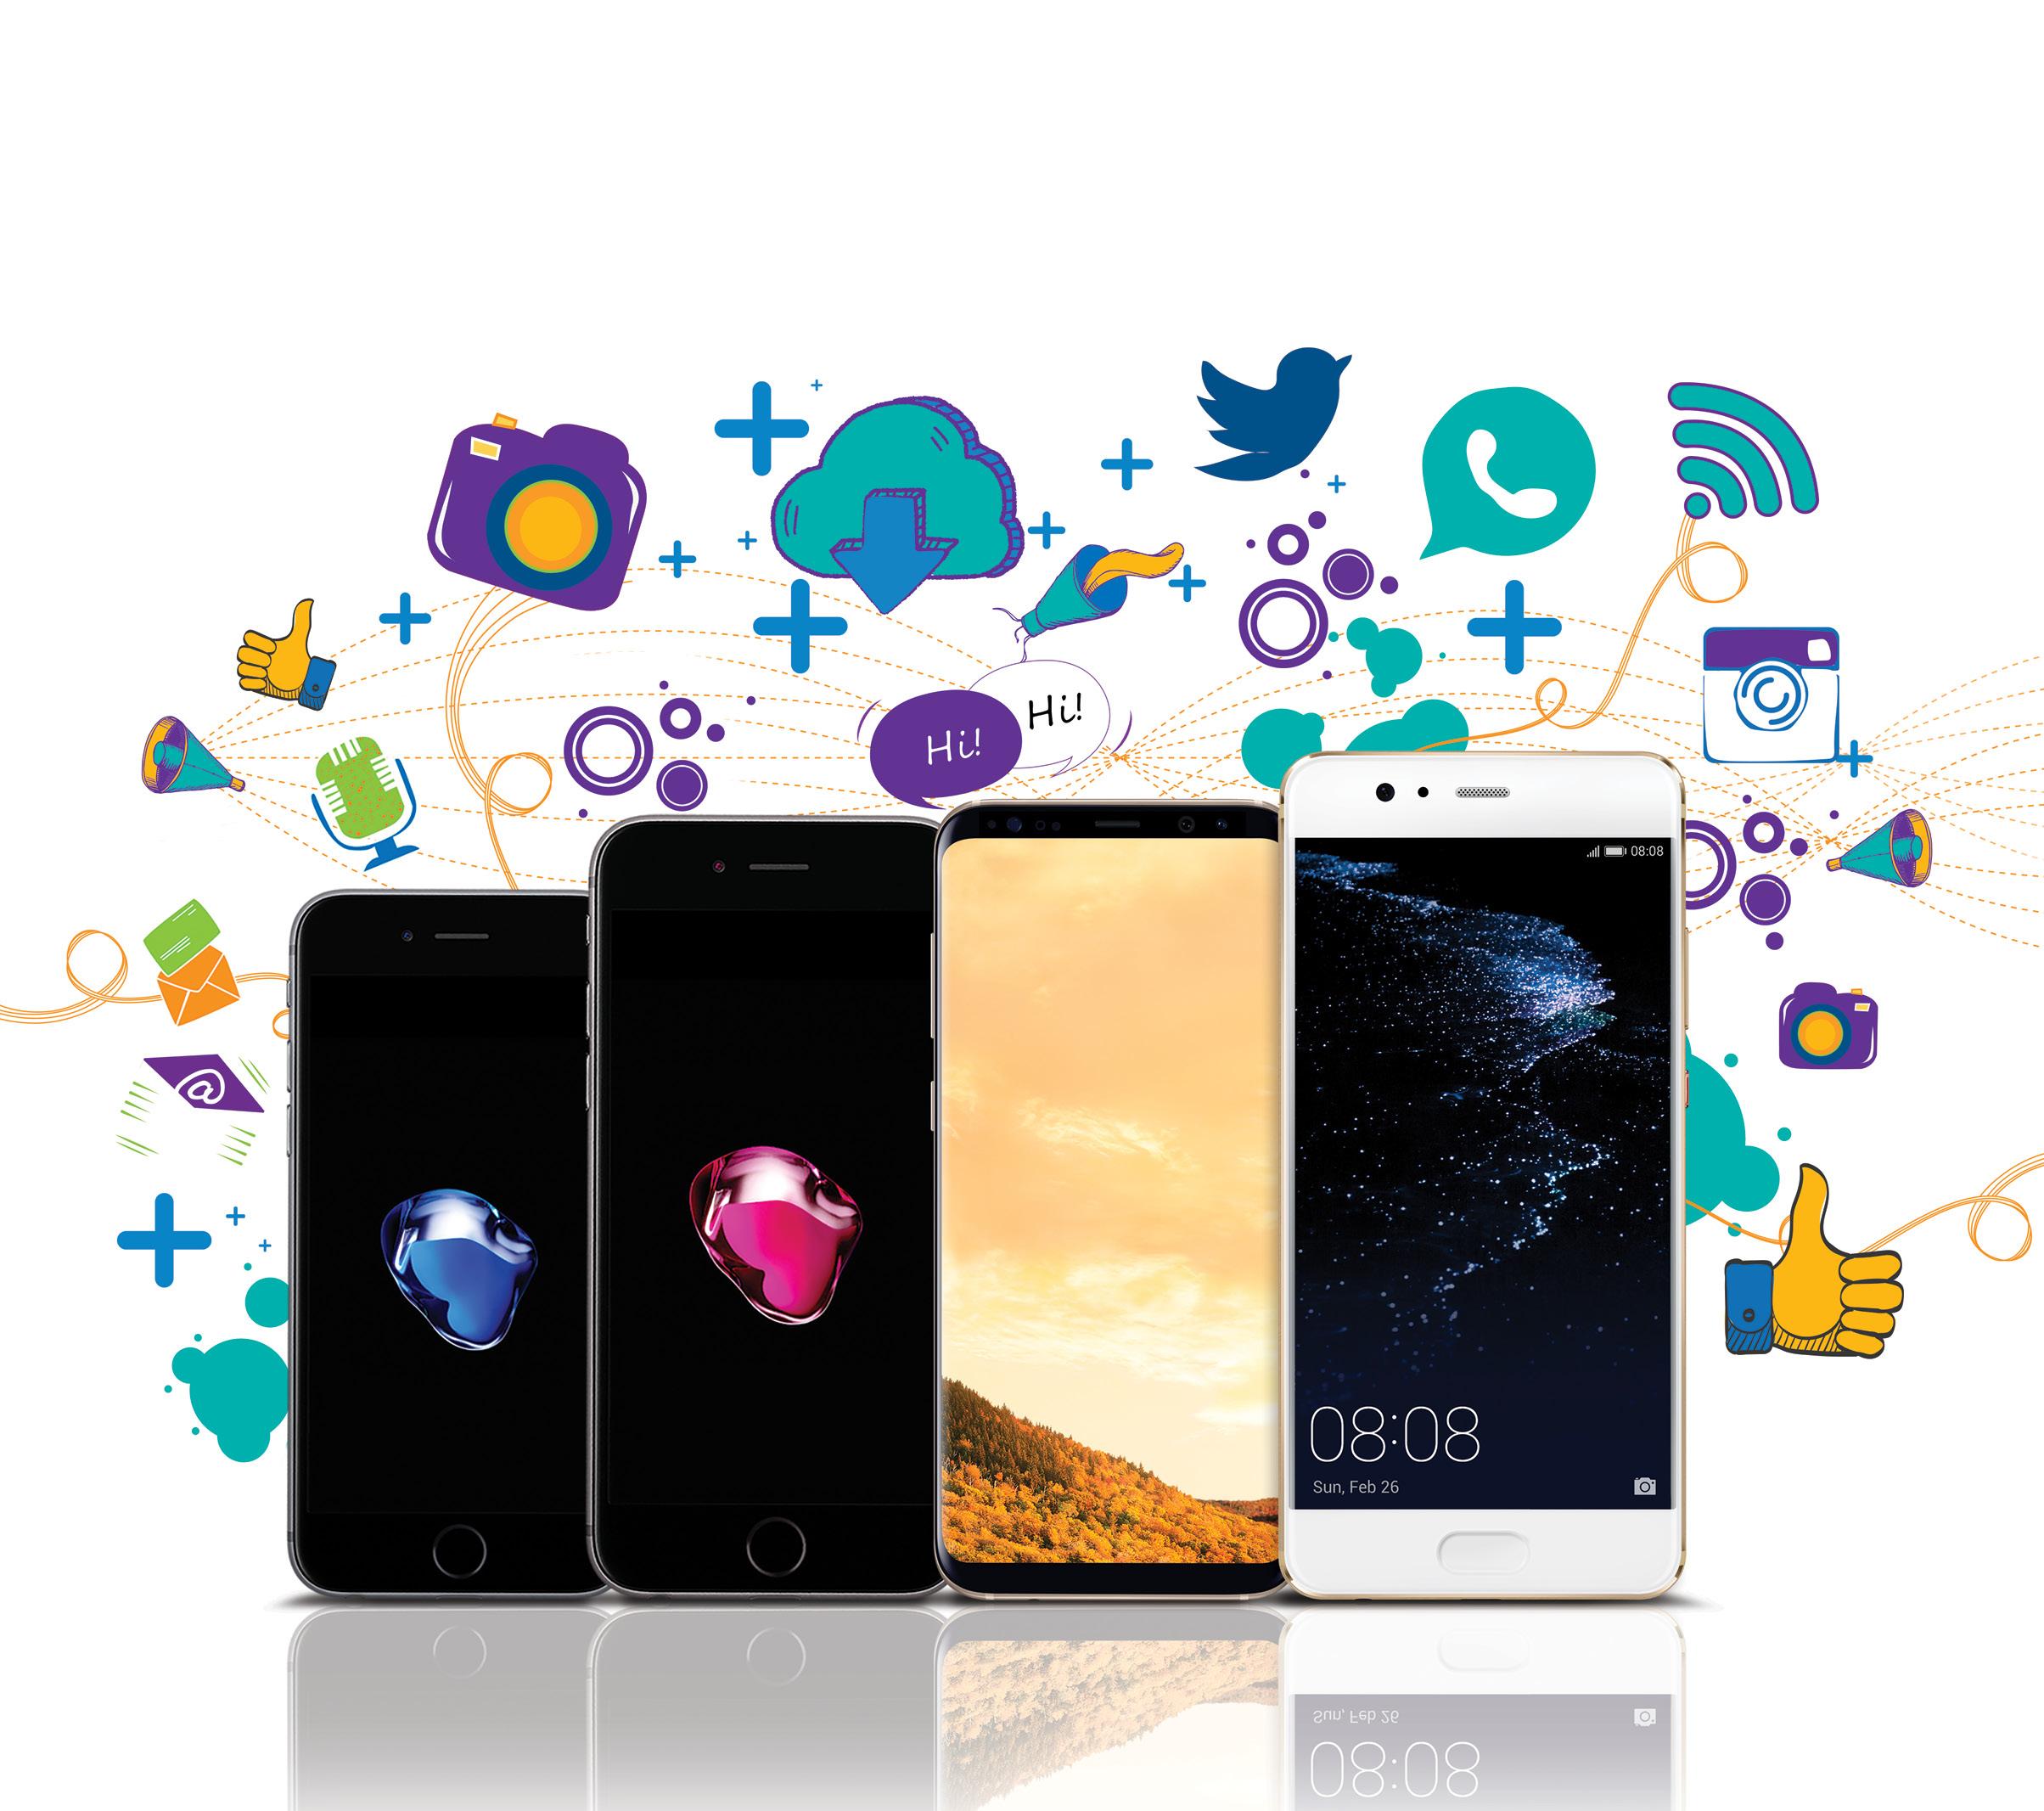 هواتف ذكية لمشتركي عمانتل بالتقسيط المريح وخصم على قيمة الجهاز يصل الى 100 ريال